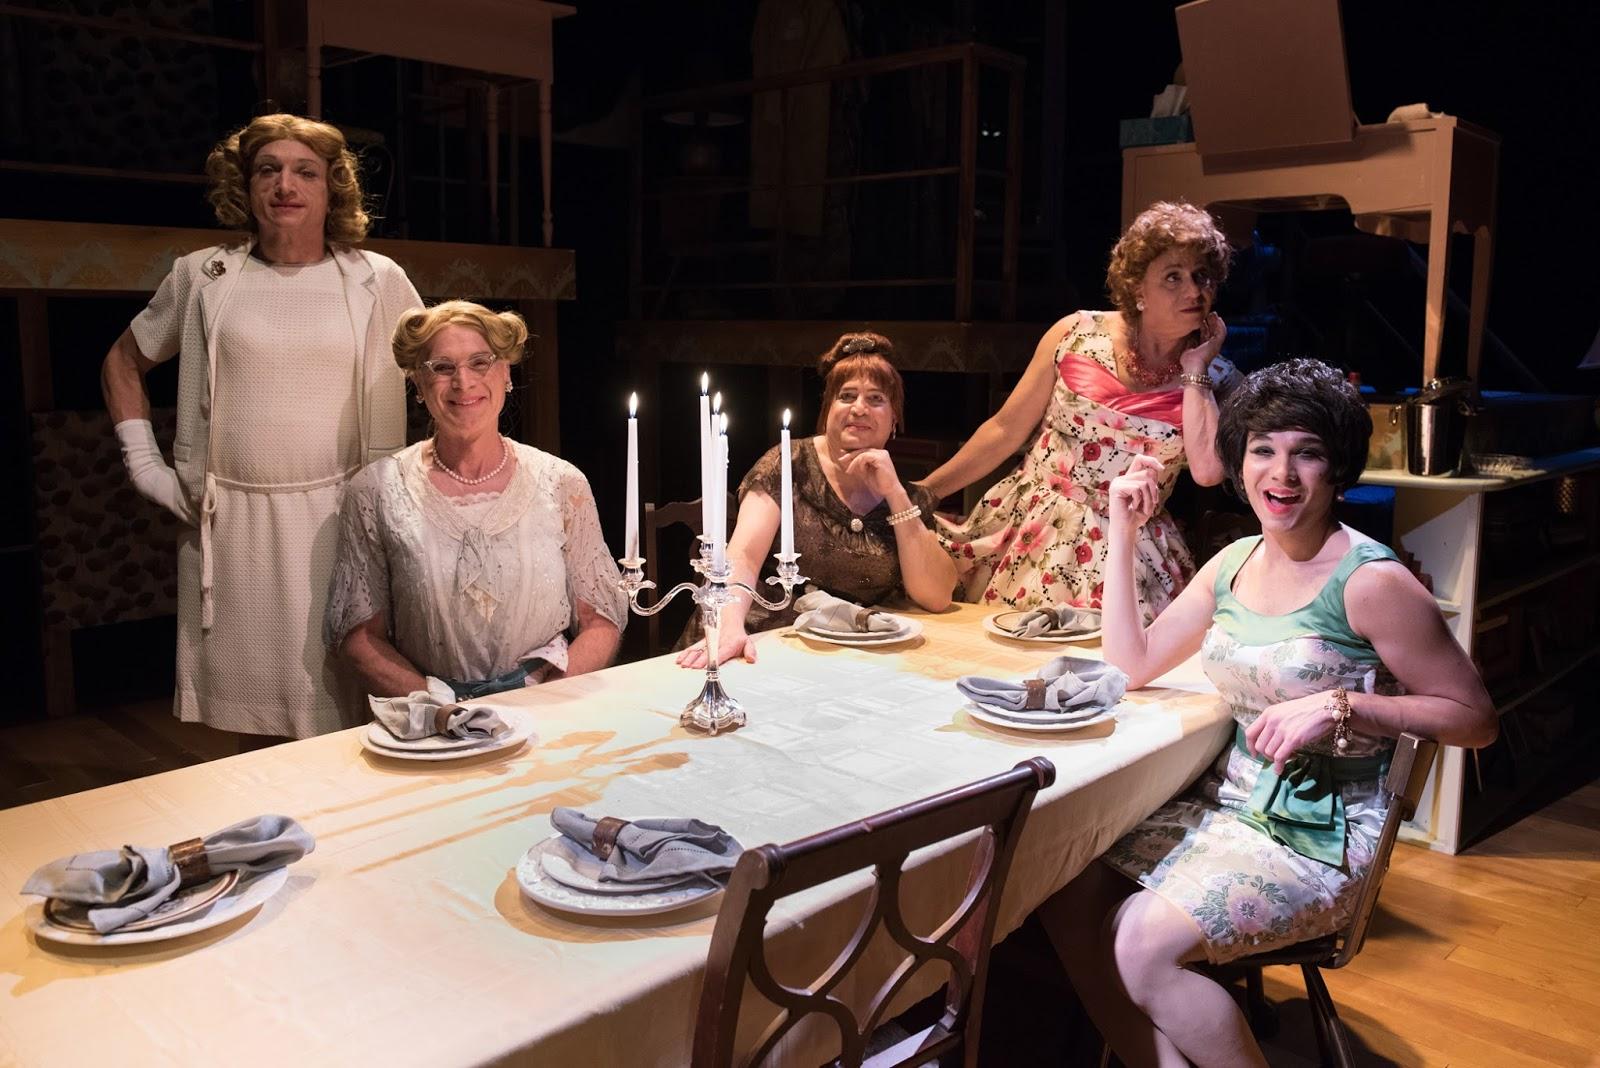 South shore critic speakeasy 39 s casa valentina crass - Rivenditori casa valentina ...